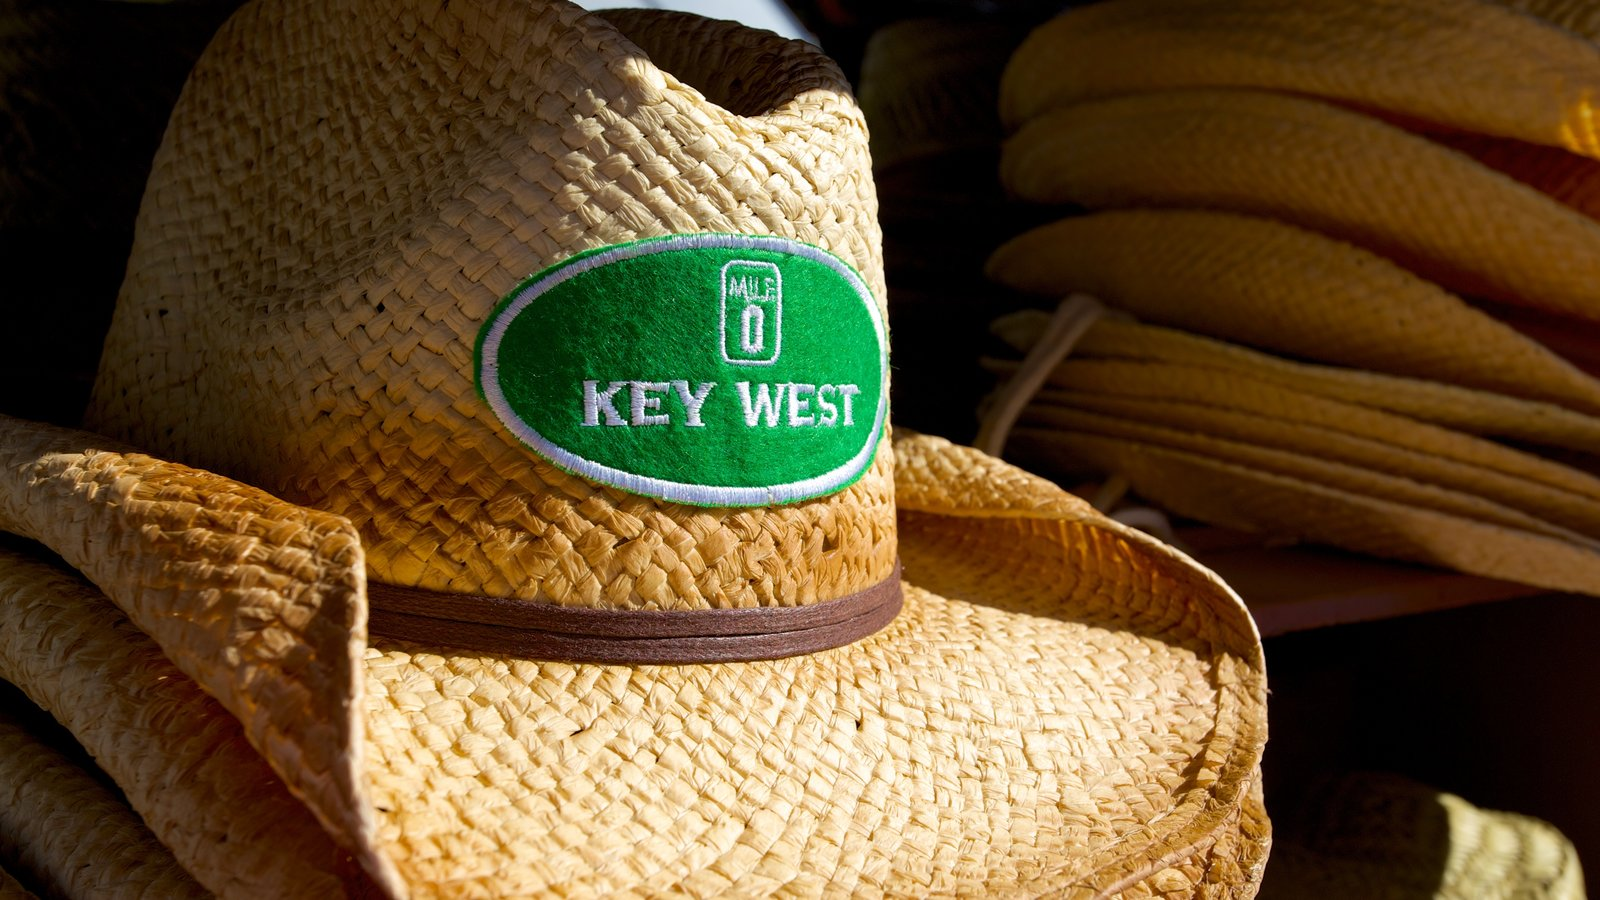 Key West featuring fashion